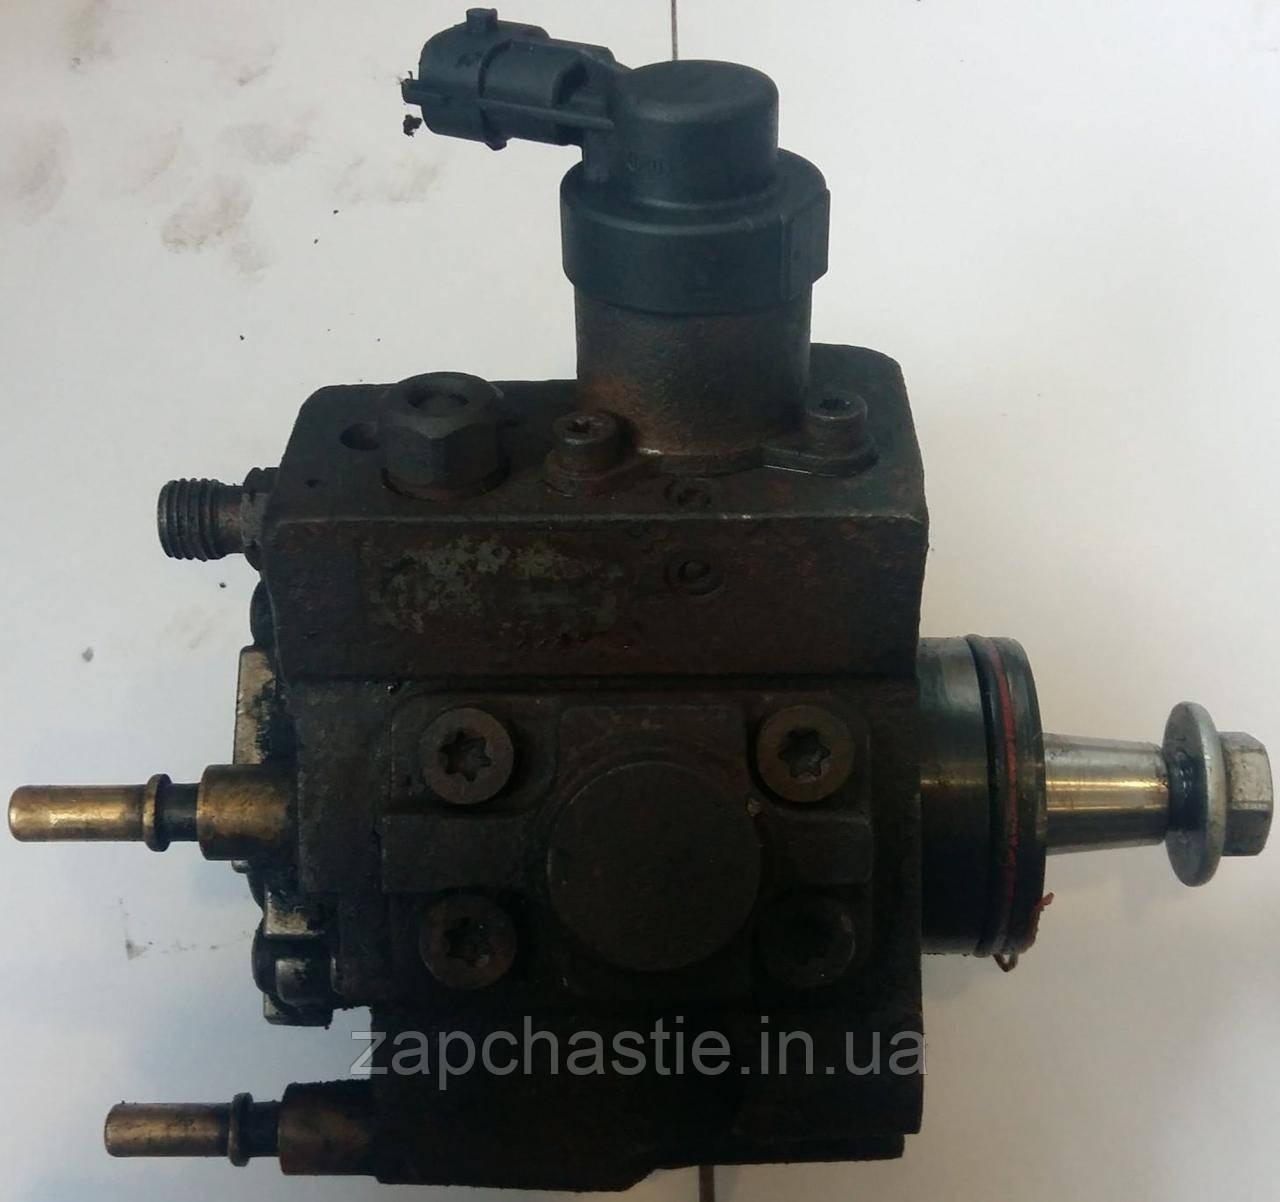 Топливный насос высокого давления (ТНВД) Ниссан Примастар 2.5dci 0445010140